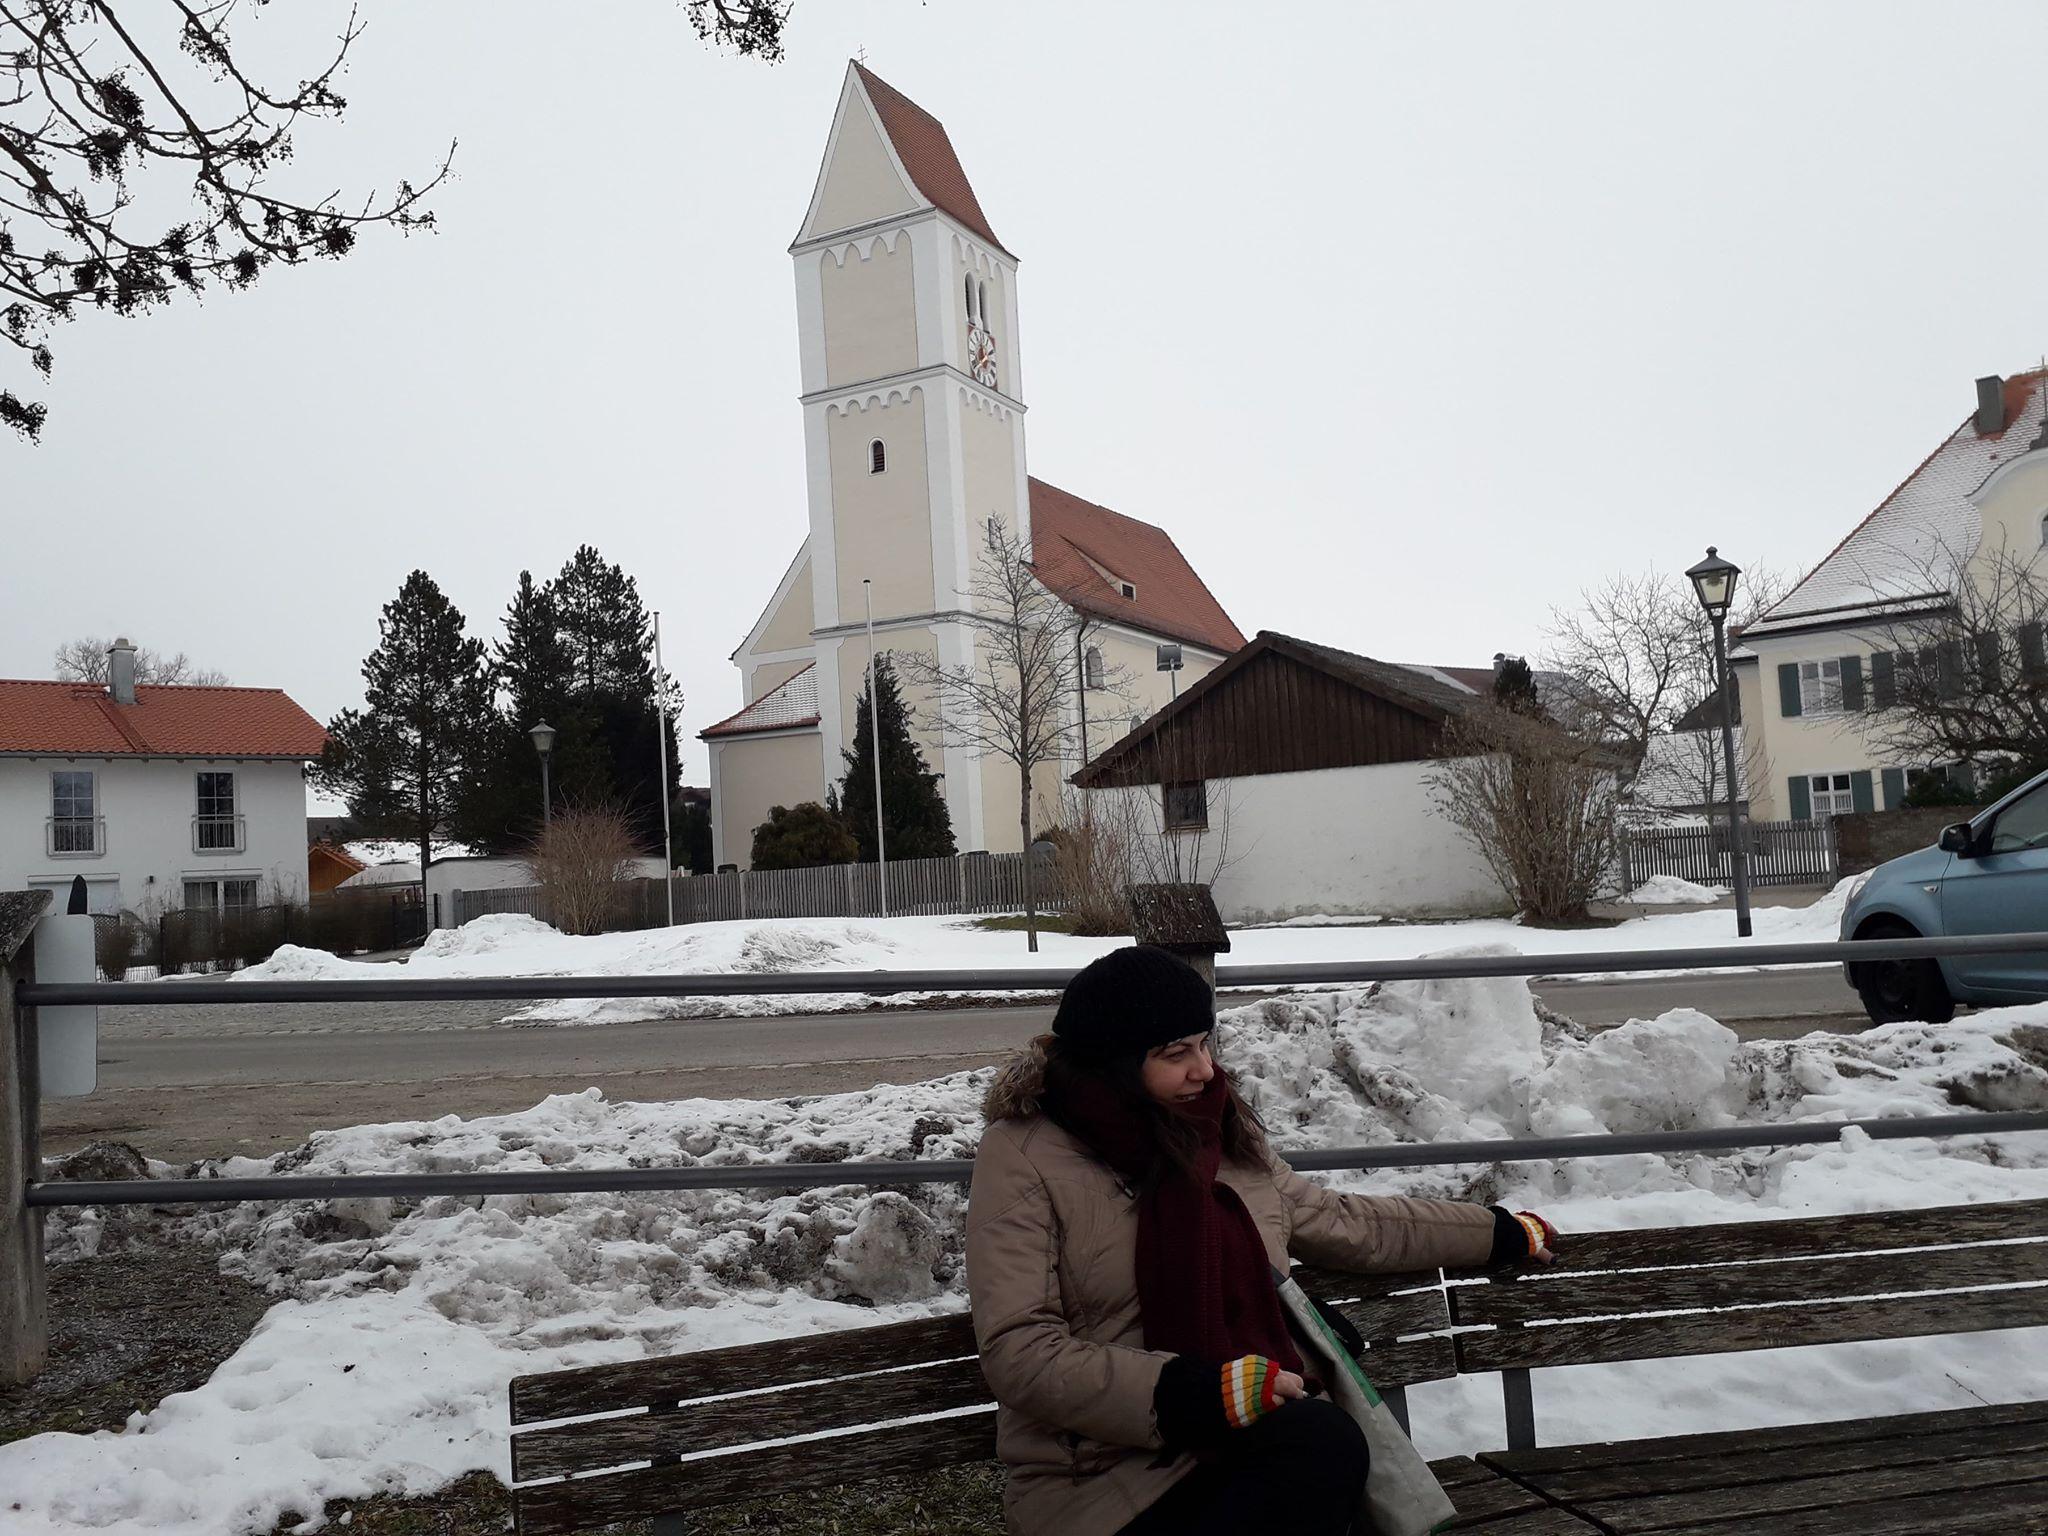 Zălăuan, în satul bavarez în care mai toate gospodăriile au grajduri cu Joiane